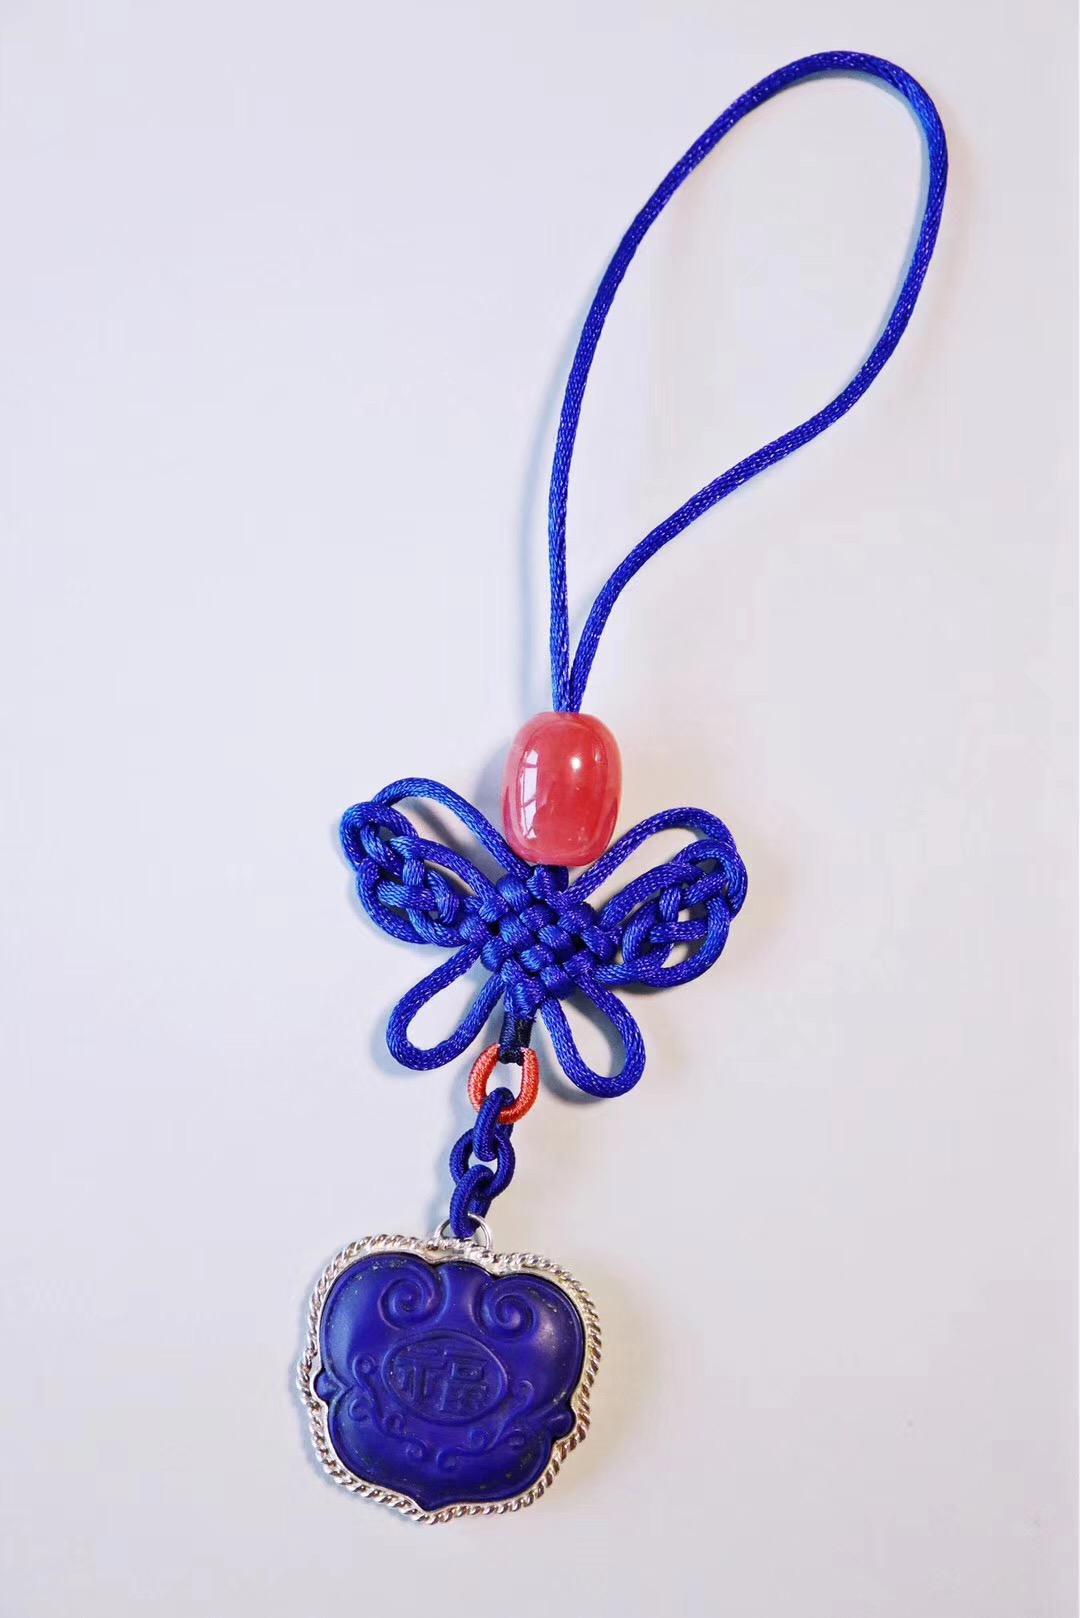 【青金石如意锁&红纹石】给女儿入了个新包,你给配个包挂吧-菩心晶舍